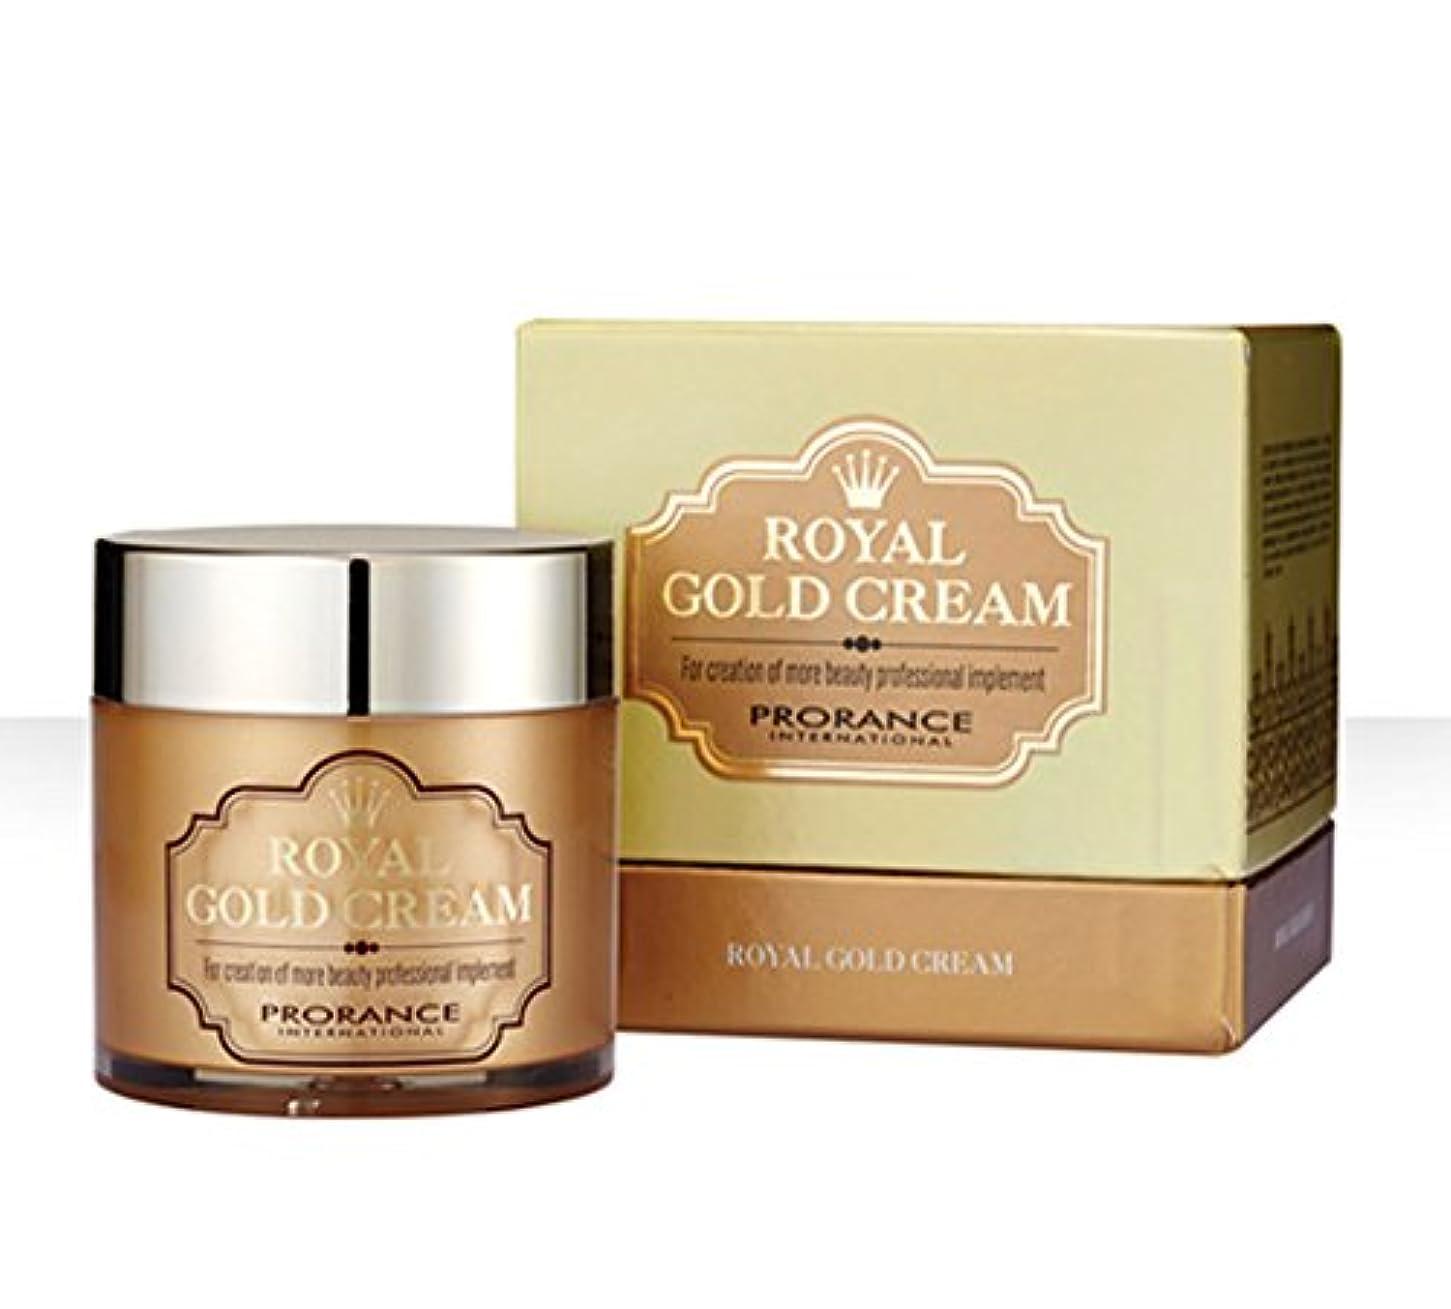 彼女の実行する拒絶する[PRORANCE] ロイヤルゴールドクリーム70ml /保湿?美白/純金(純度99.9%)/韓国化粧品/ Royal Gold Cream 70ml/moisturizing,whitening/pure gold(99.9%...